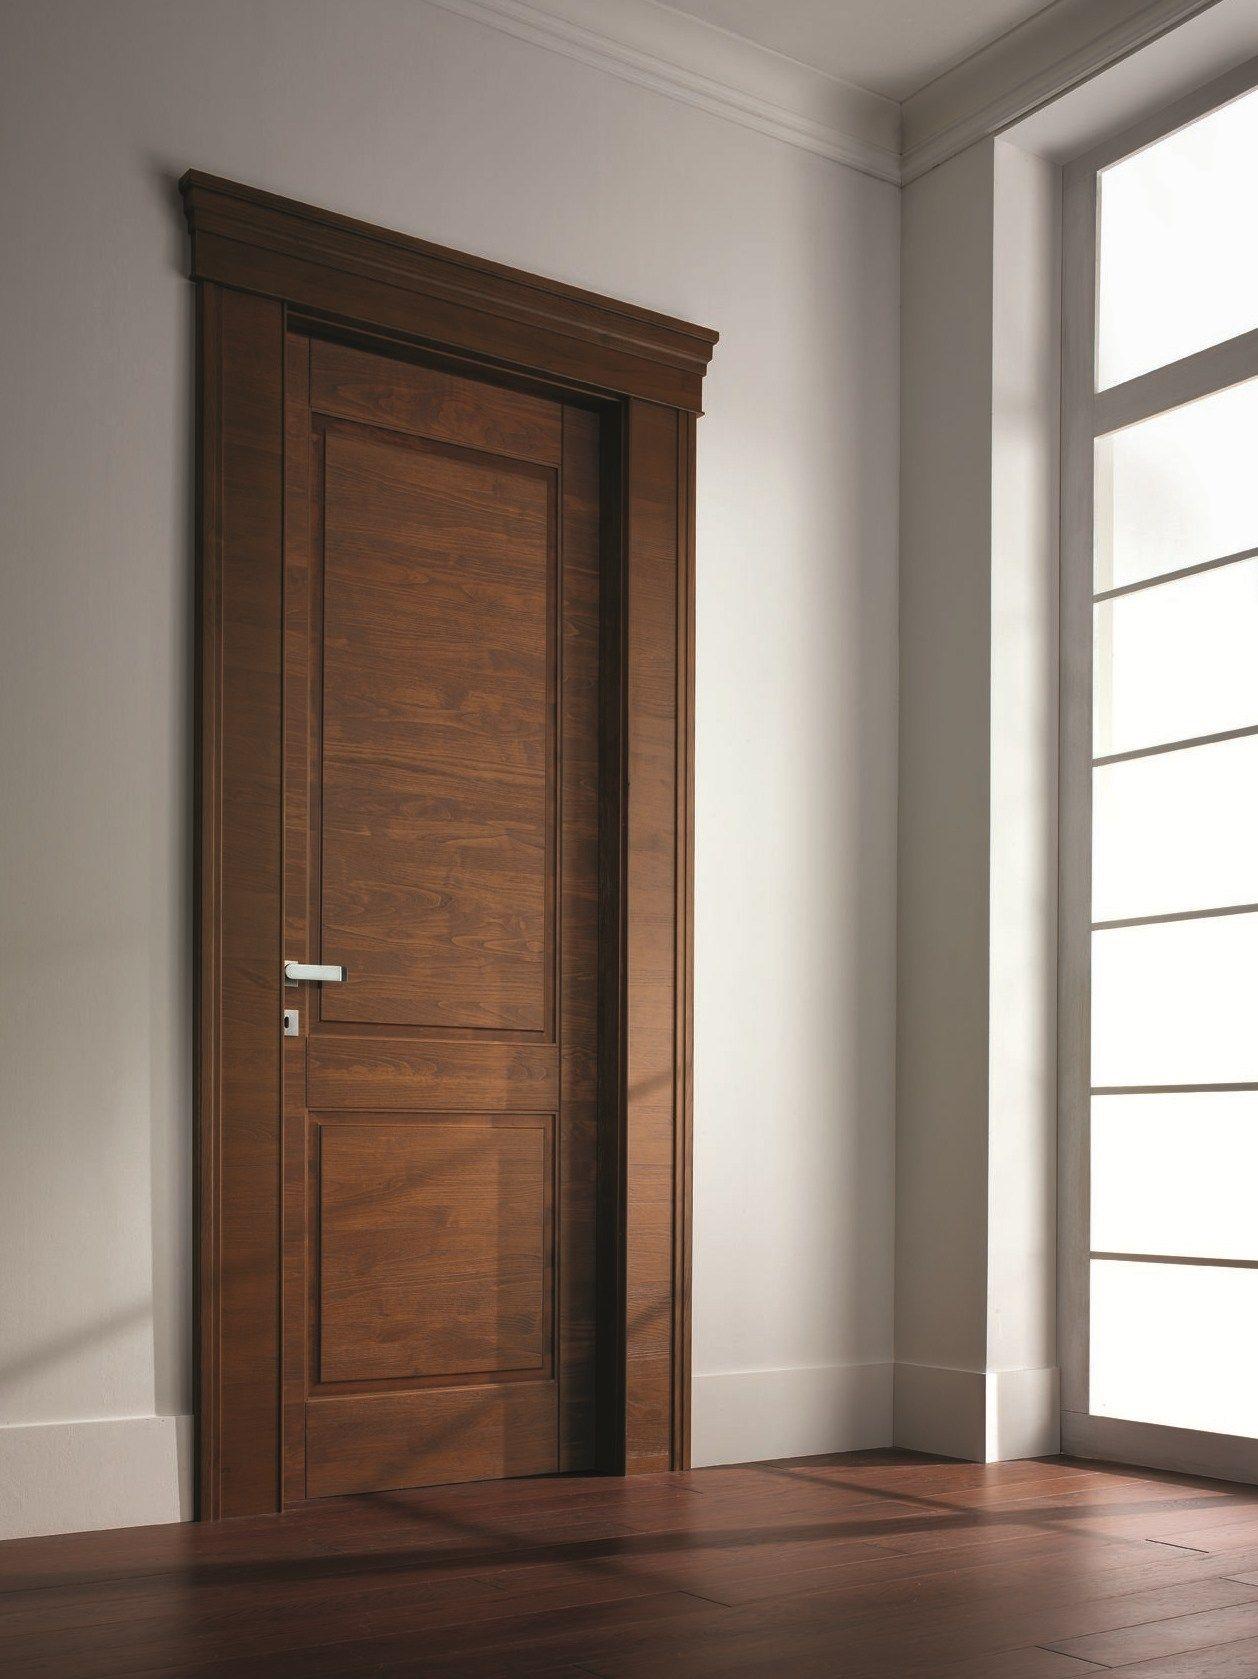 Hinged Solid Wood Door Arca Chestnut Door Neo Classic Series By